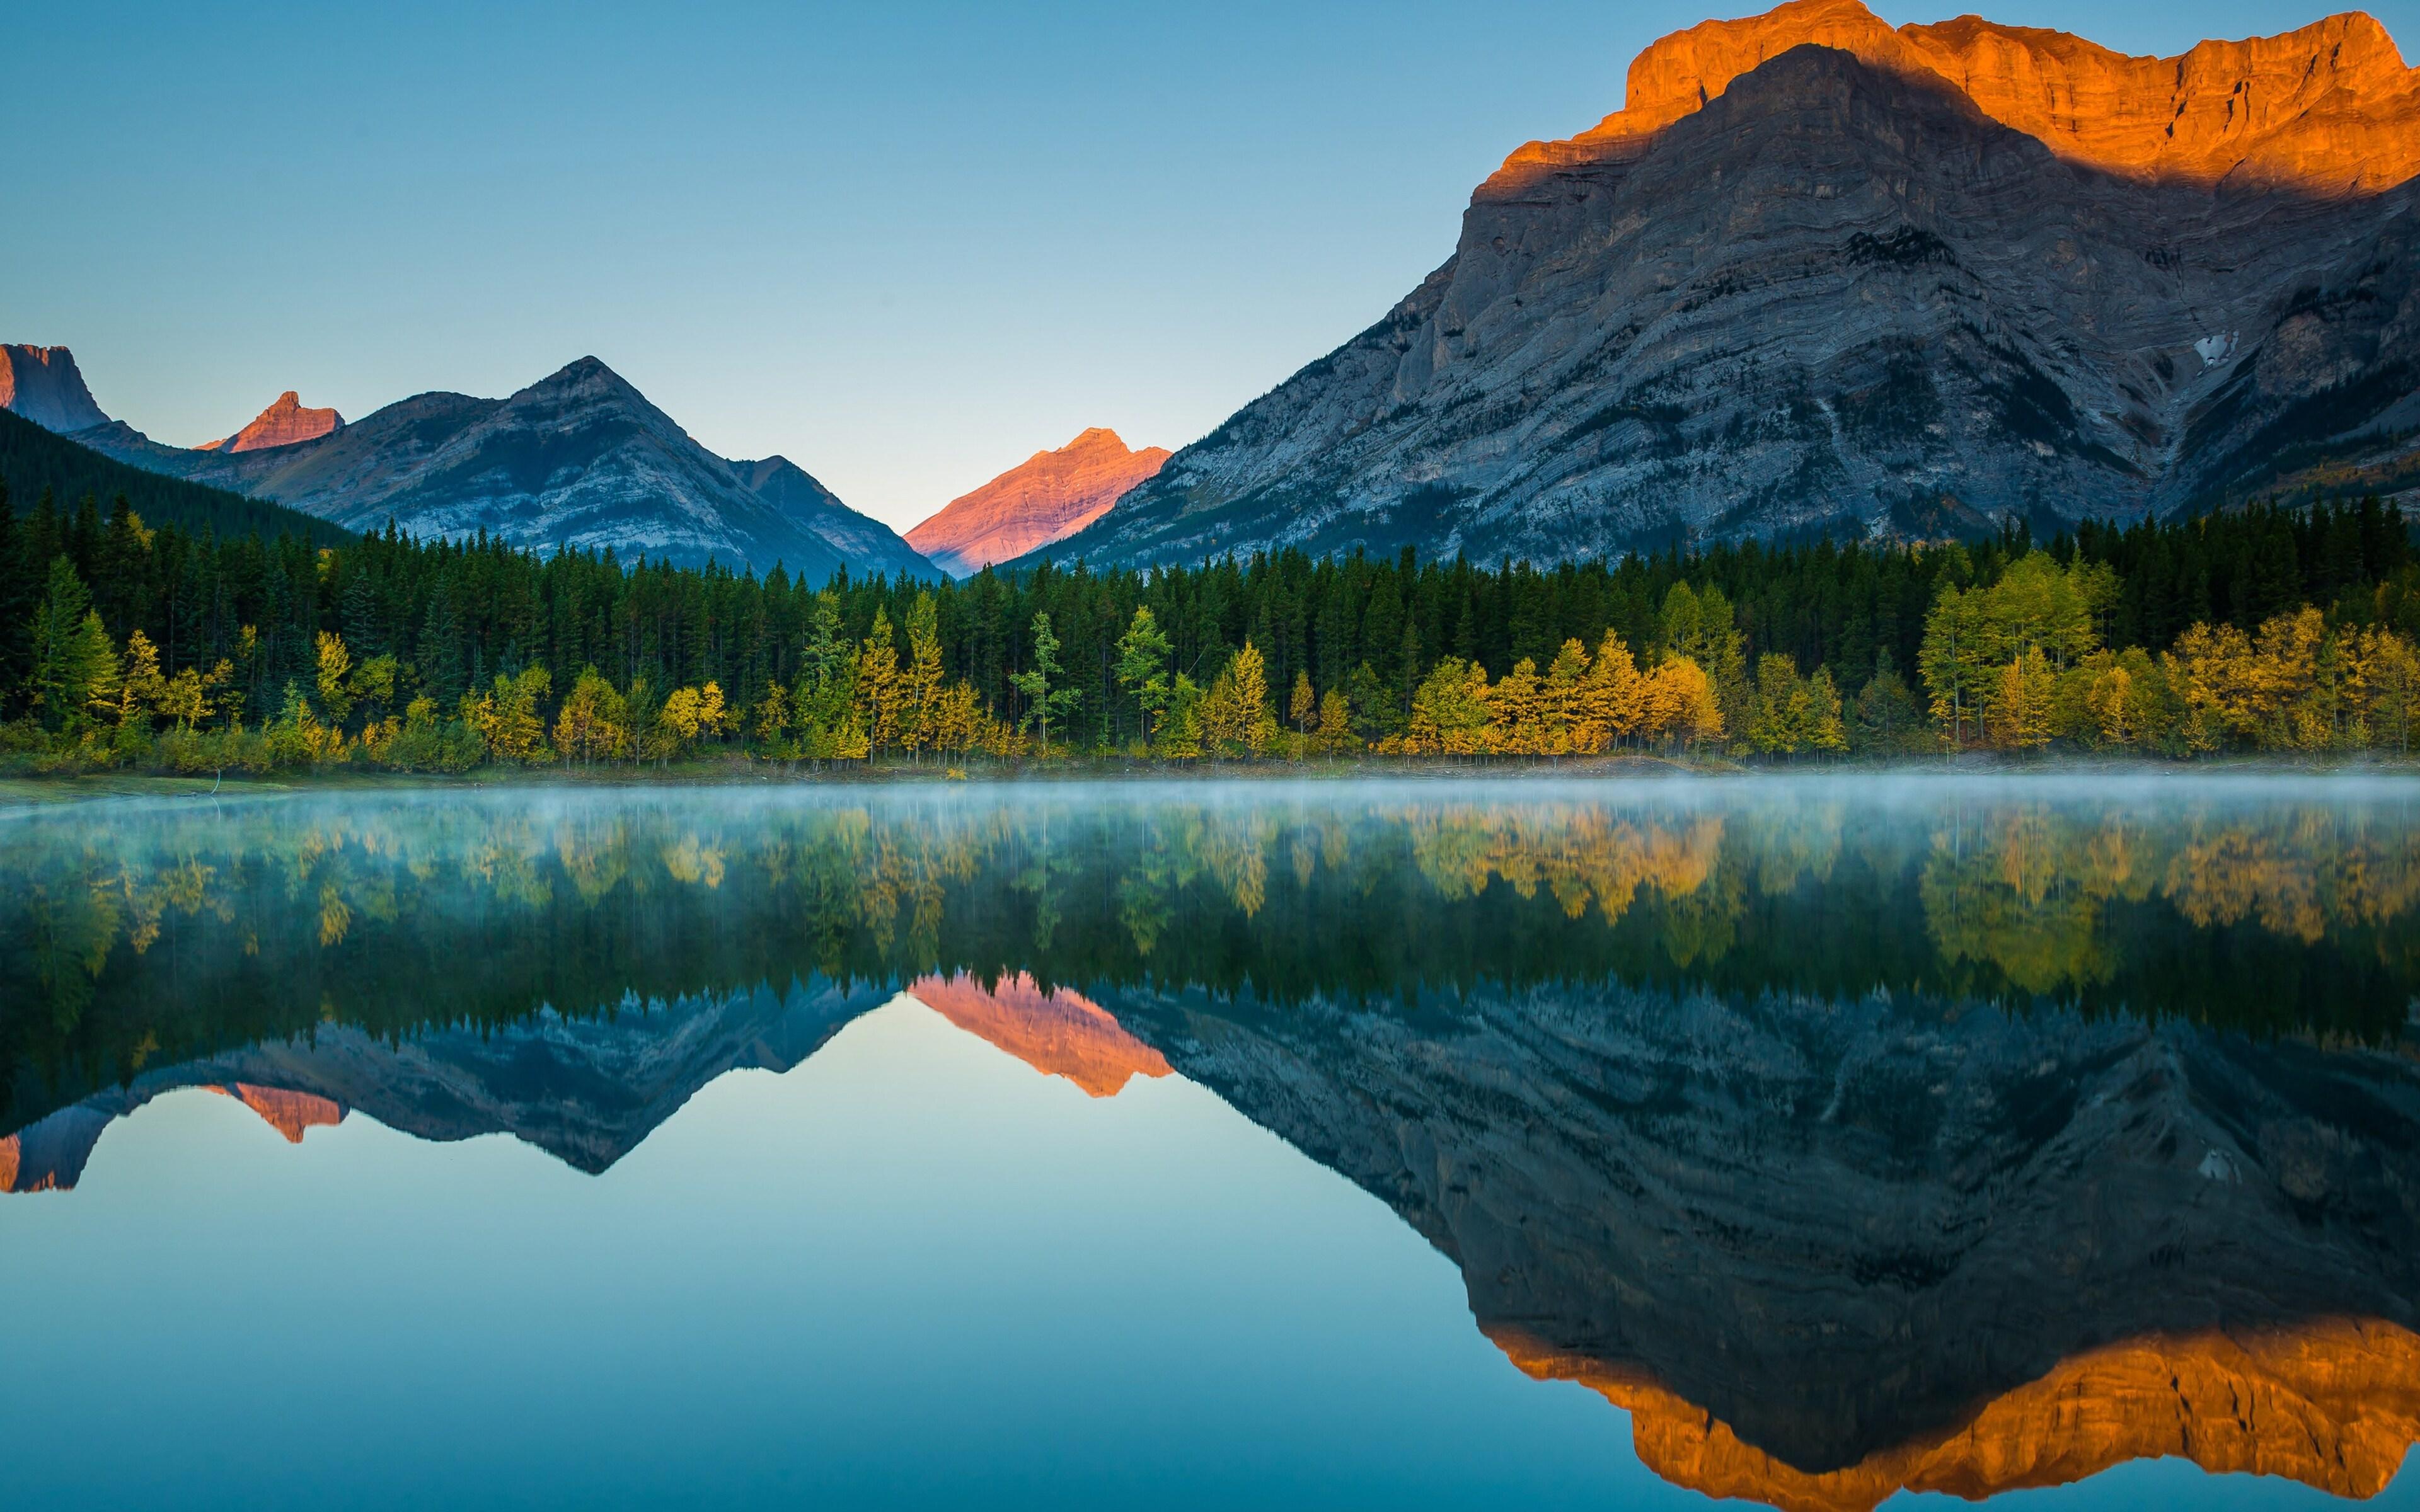 mountain-reflection-in-lake-image.jpg